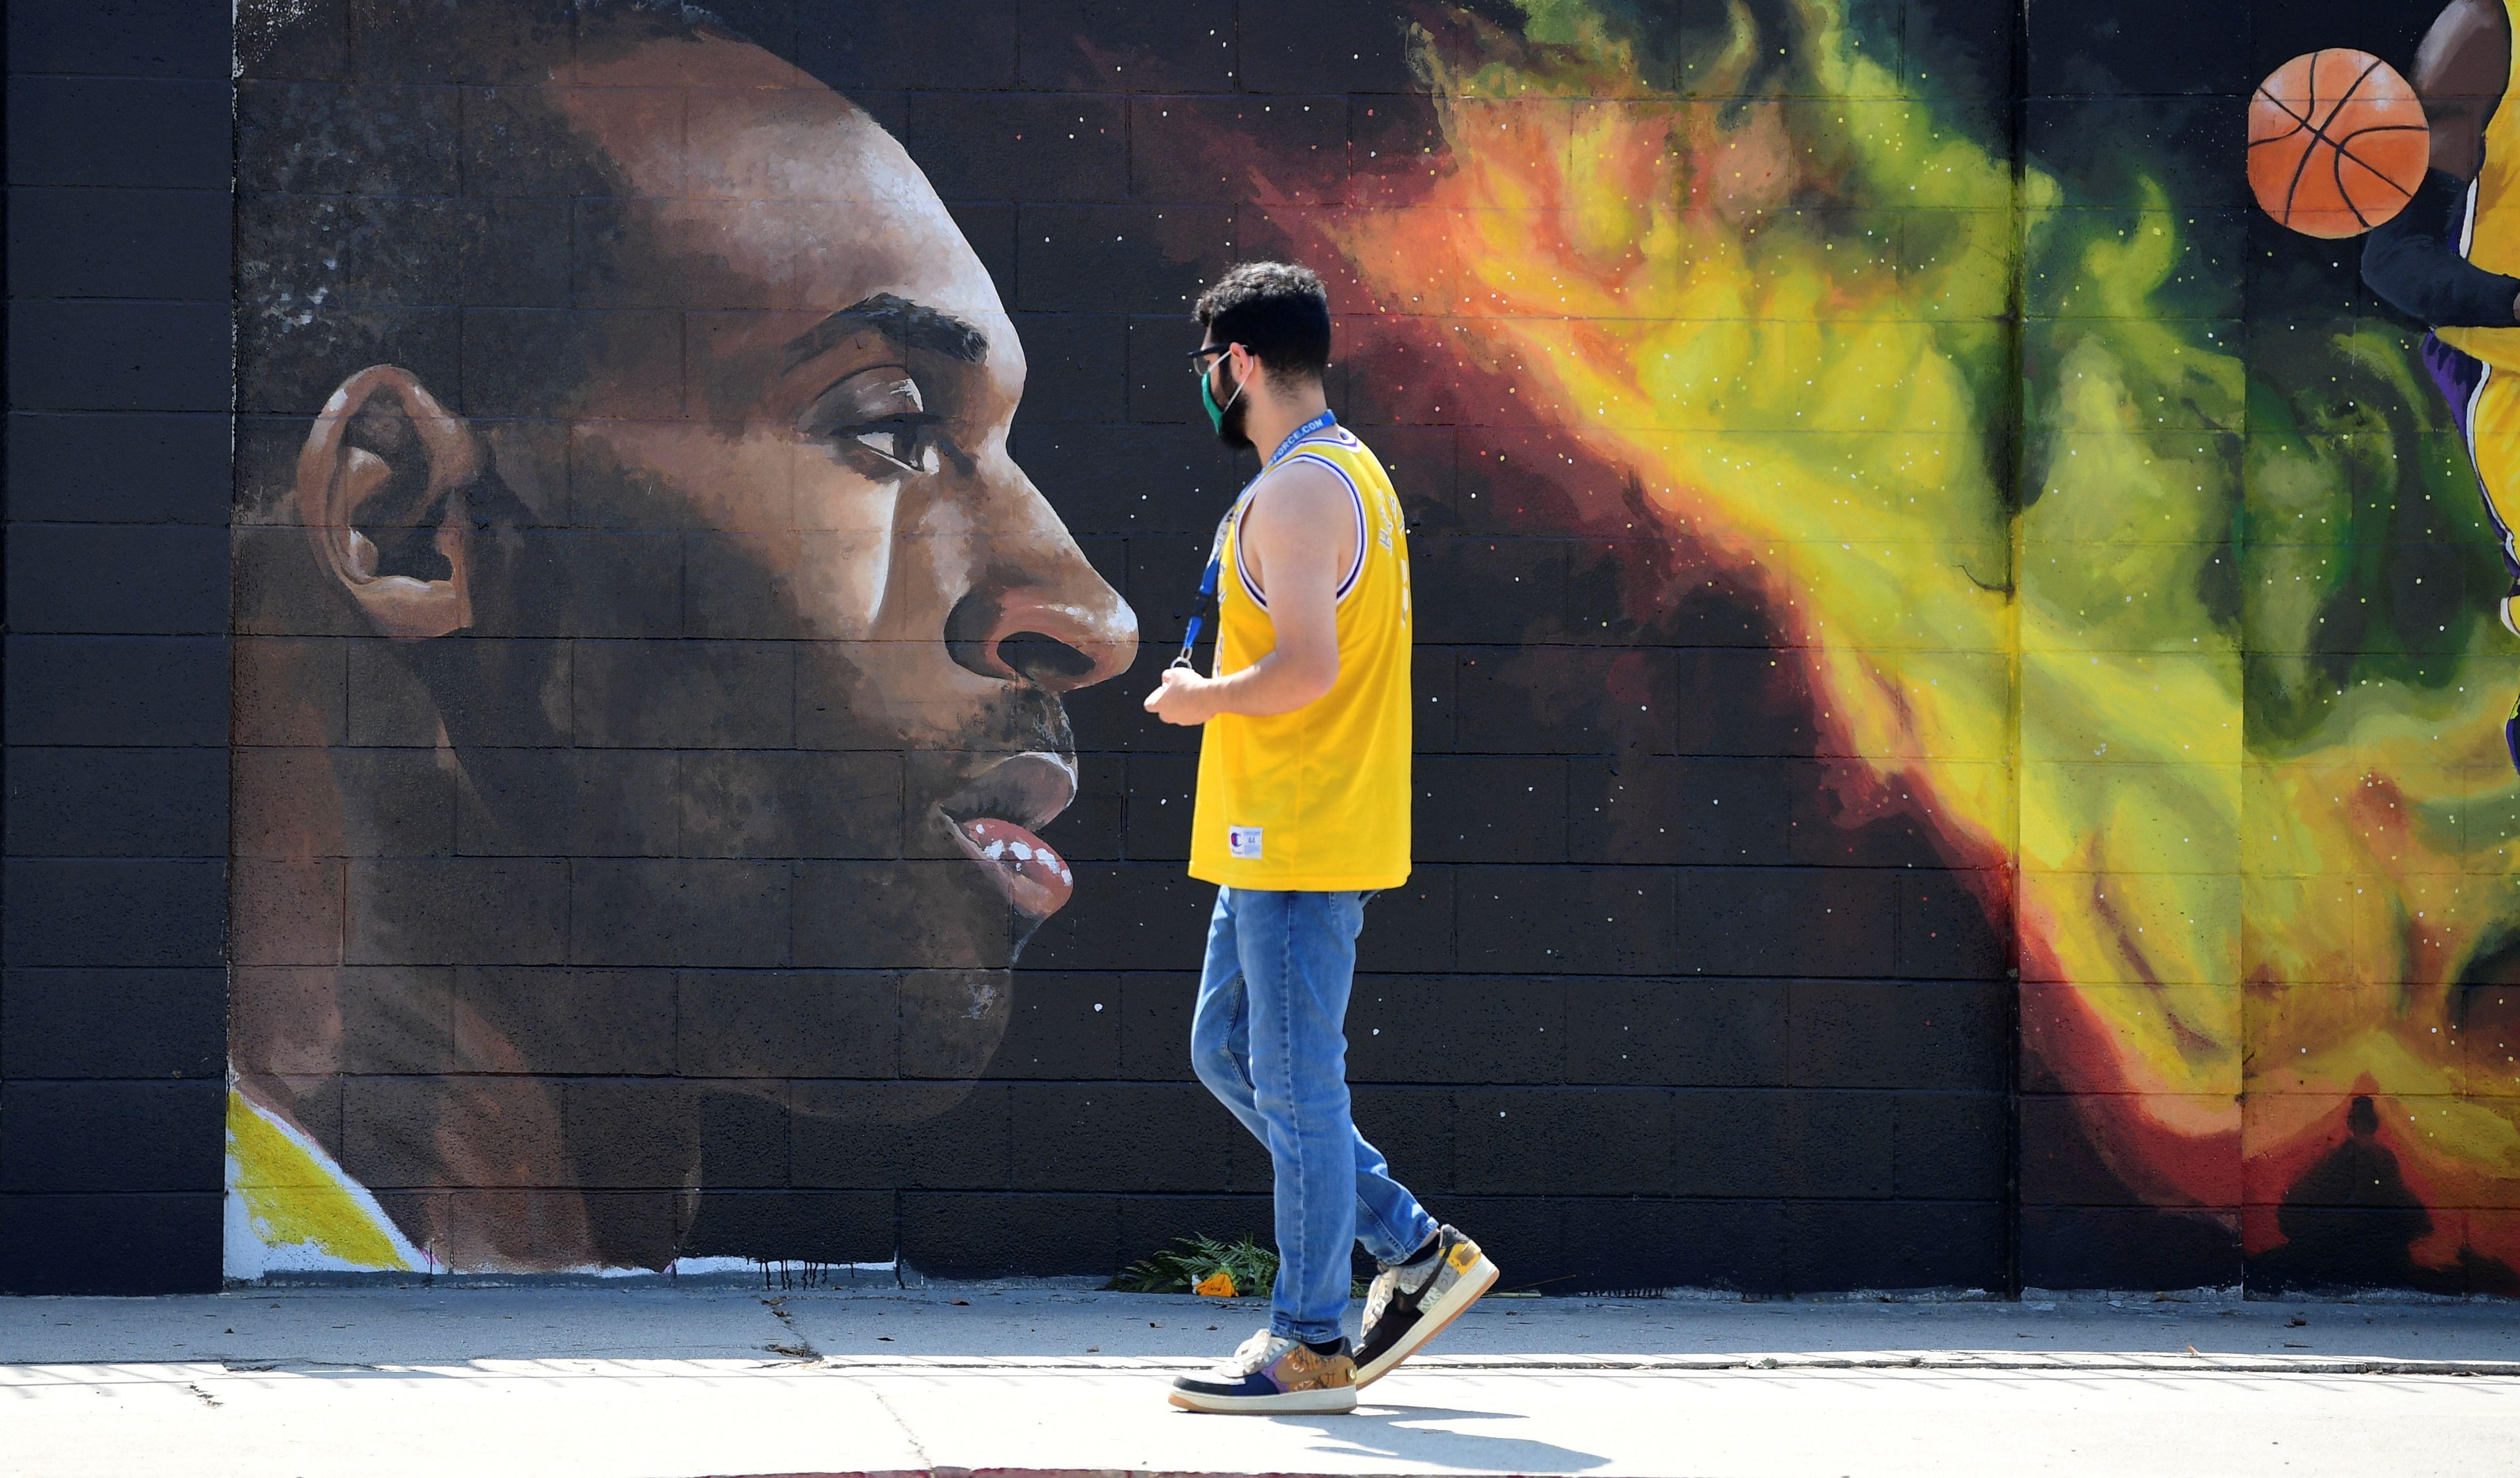 Un fleurissement de fresques murales en hommage à Kobe Bryant